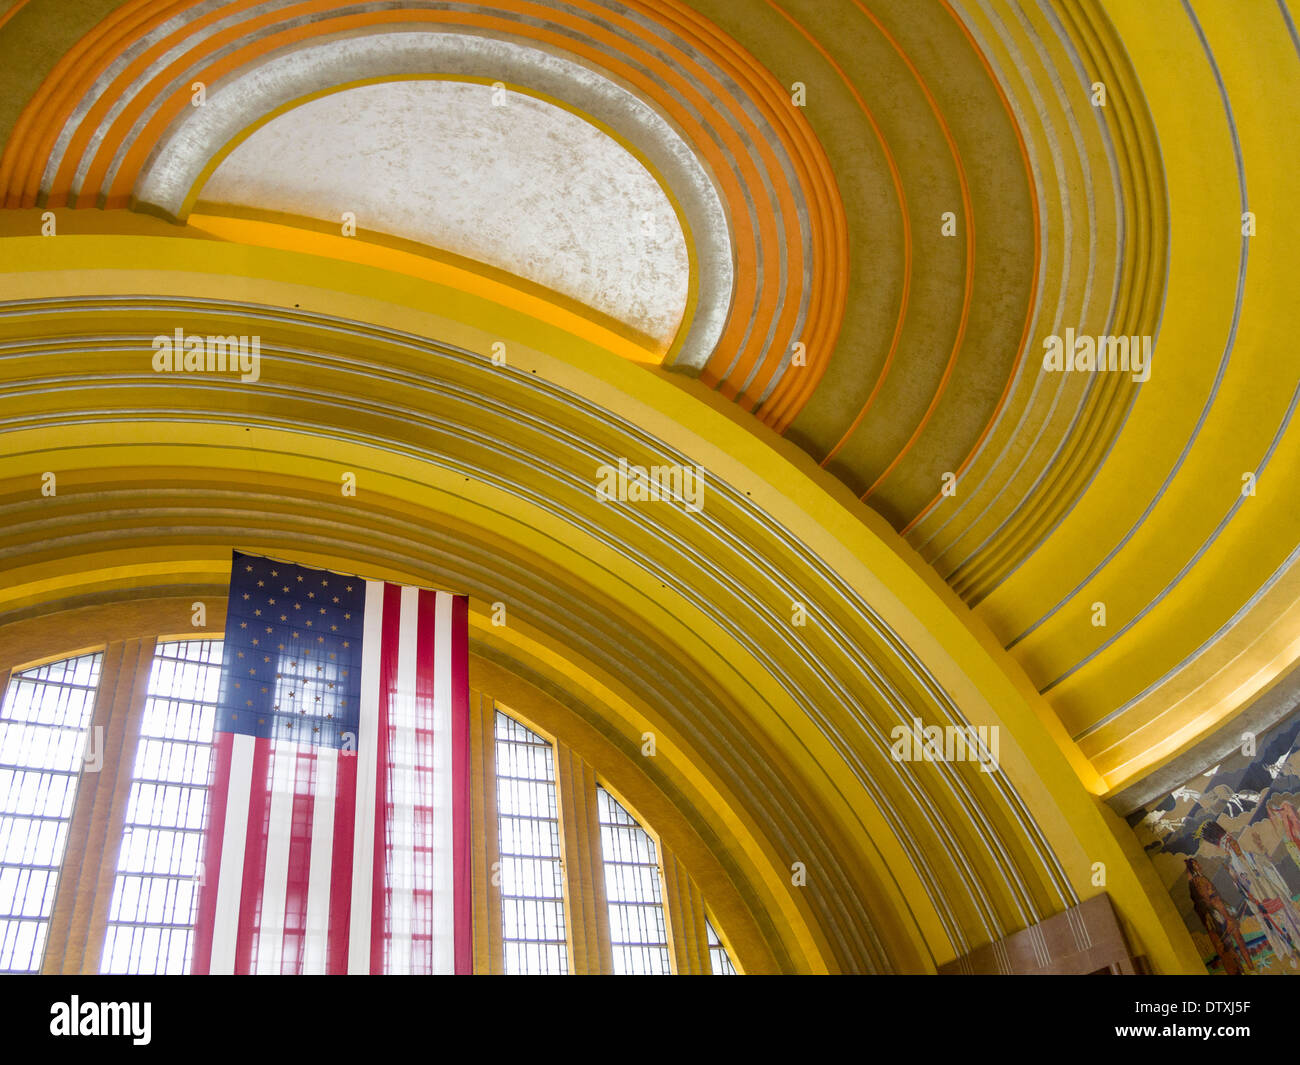 Soffitto e bandiera in unione terminale. Intersecando cerchi gialli forniscono l'impostazione progettati per una grande bandiera americana Immagini Stock